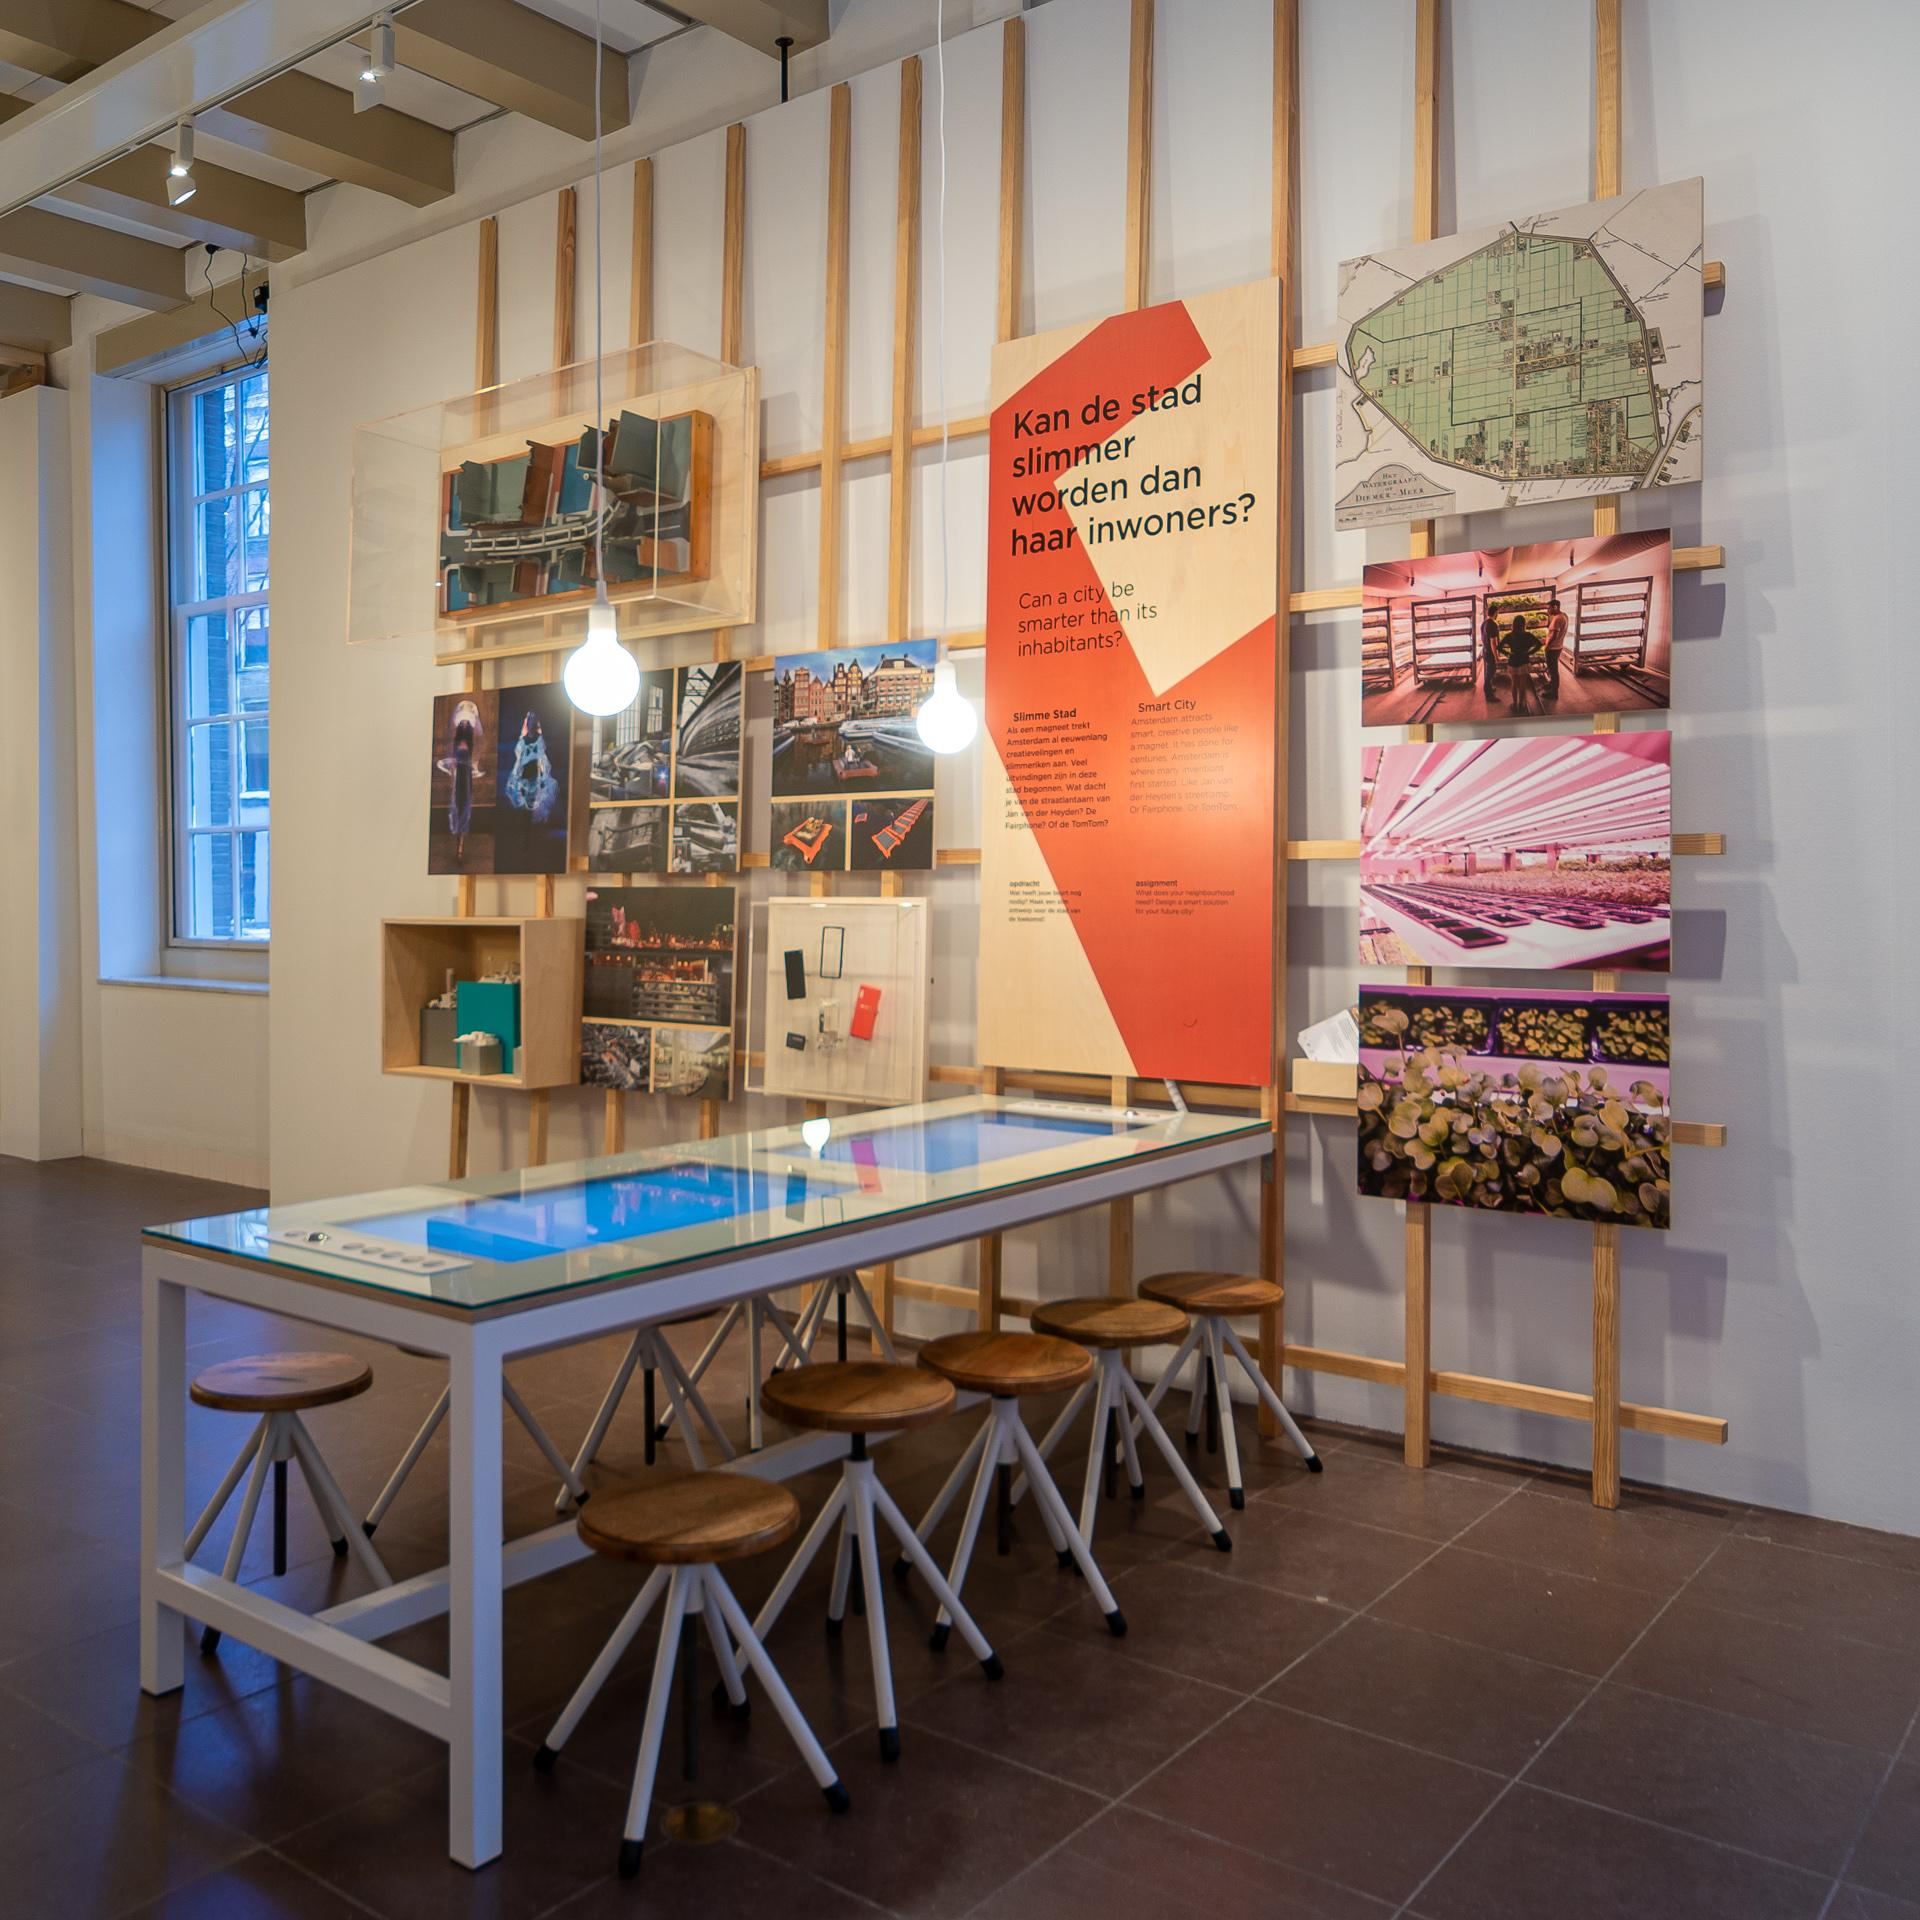 tentoonstellingsontwerp stadslab2 amsterdam museum 5 jpg